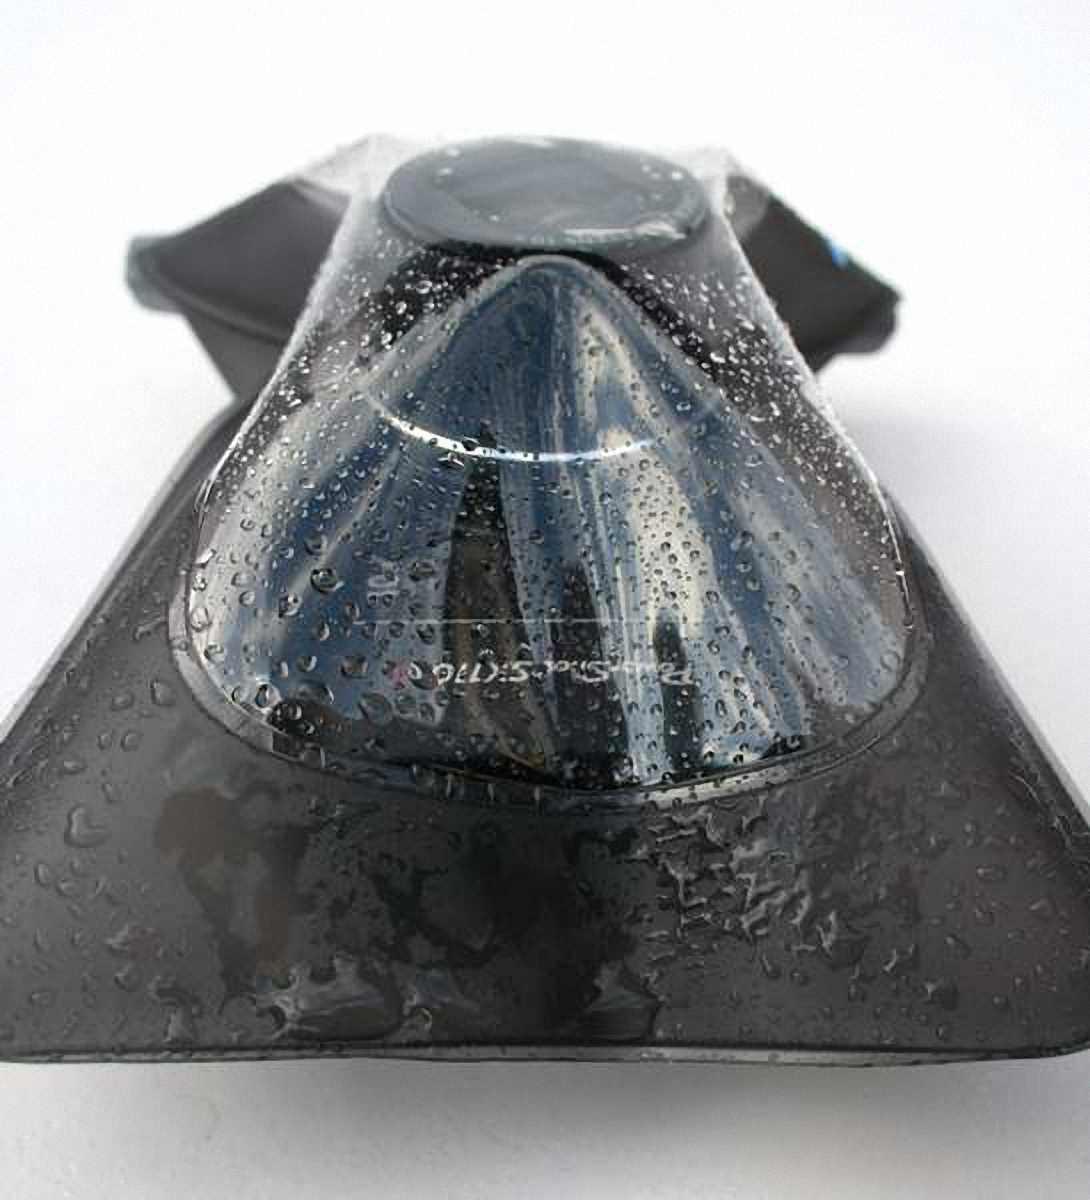 Водонепроницаемый чехол для фотоаппарата - Aquapac 418. Aquapac - №1 в мире водонепроницаемых чехлов и сумок. Фото 4